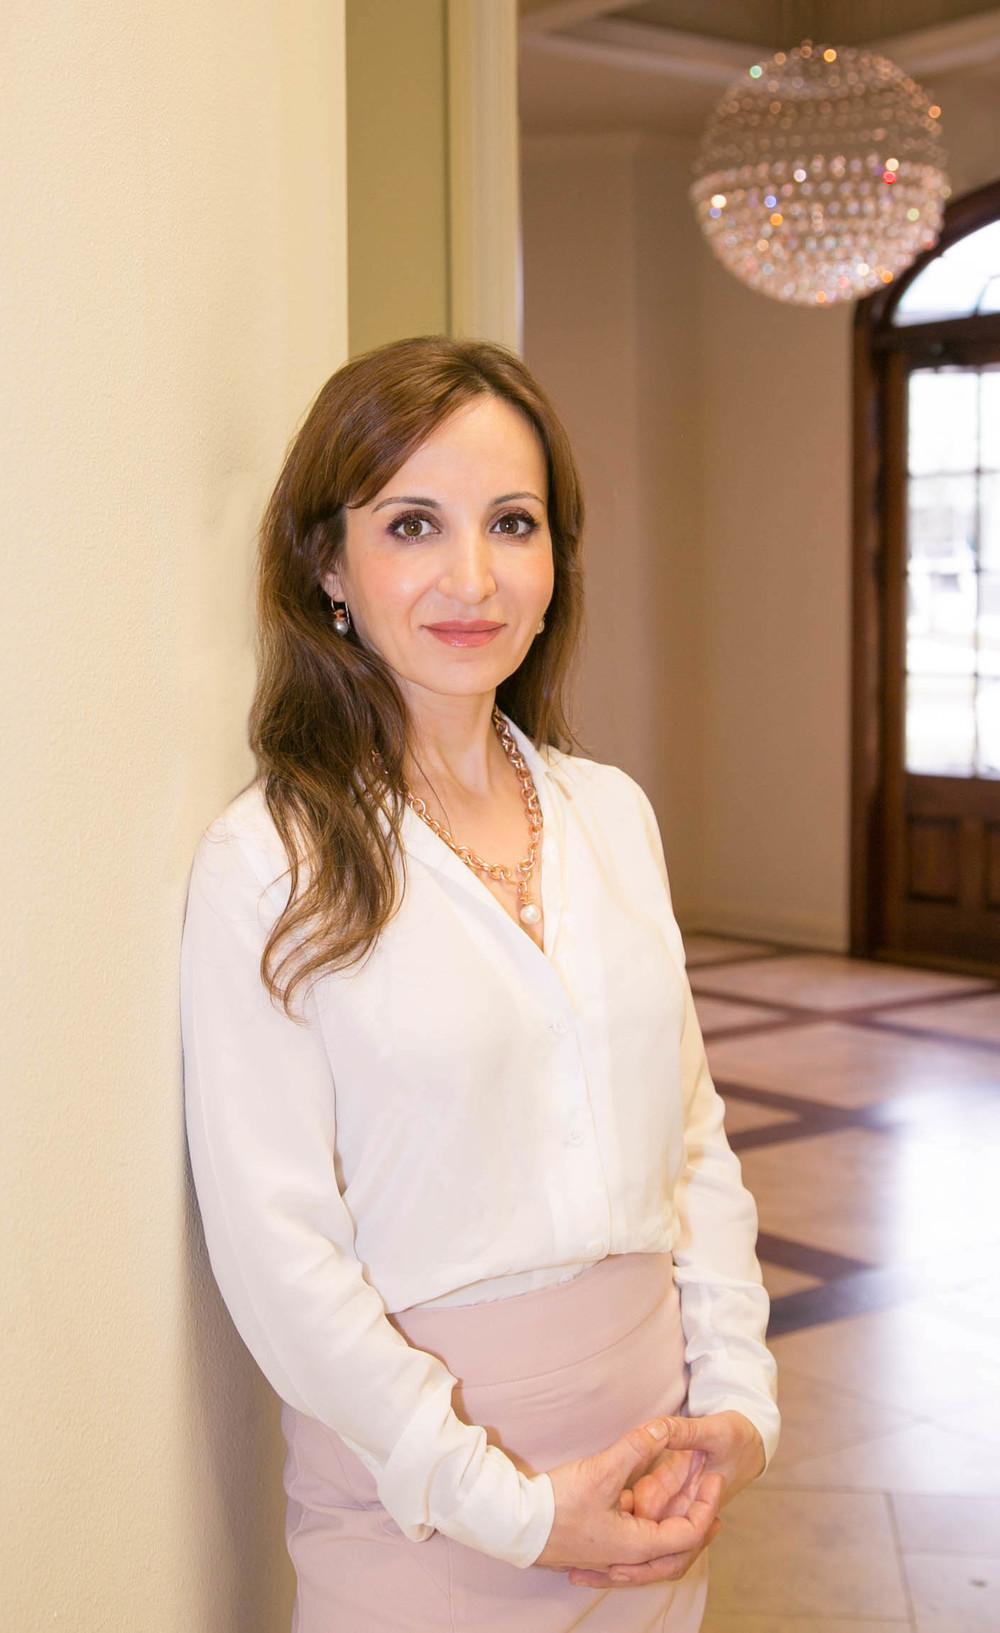 Dr. Emma Kruger